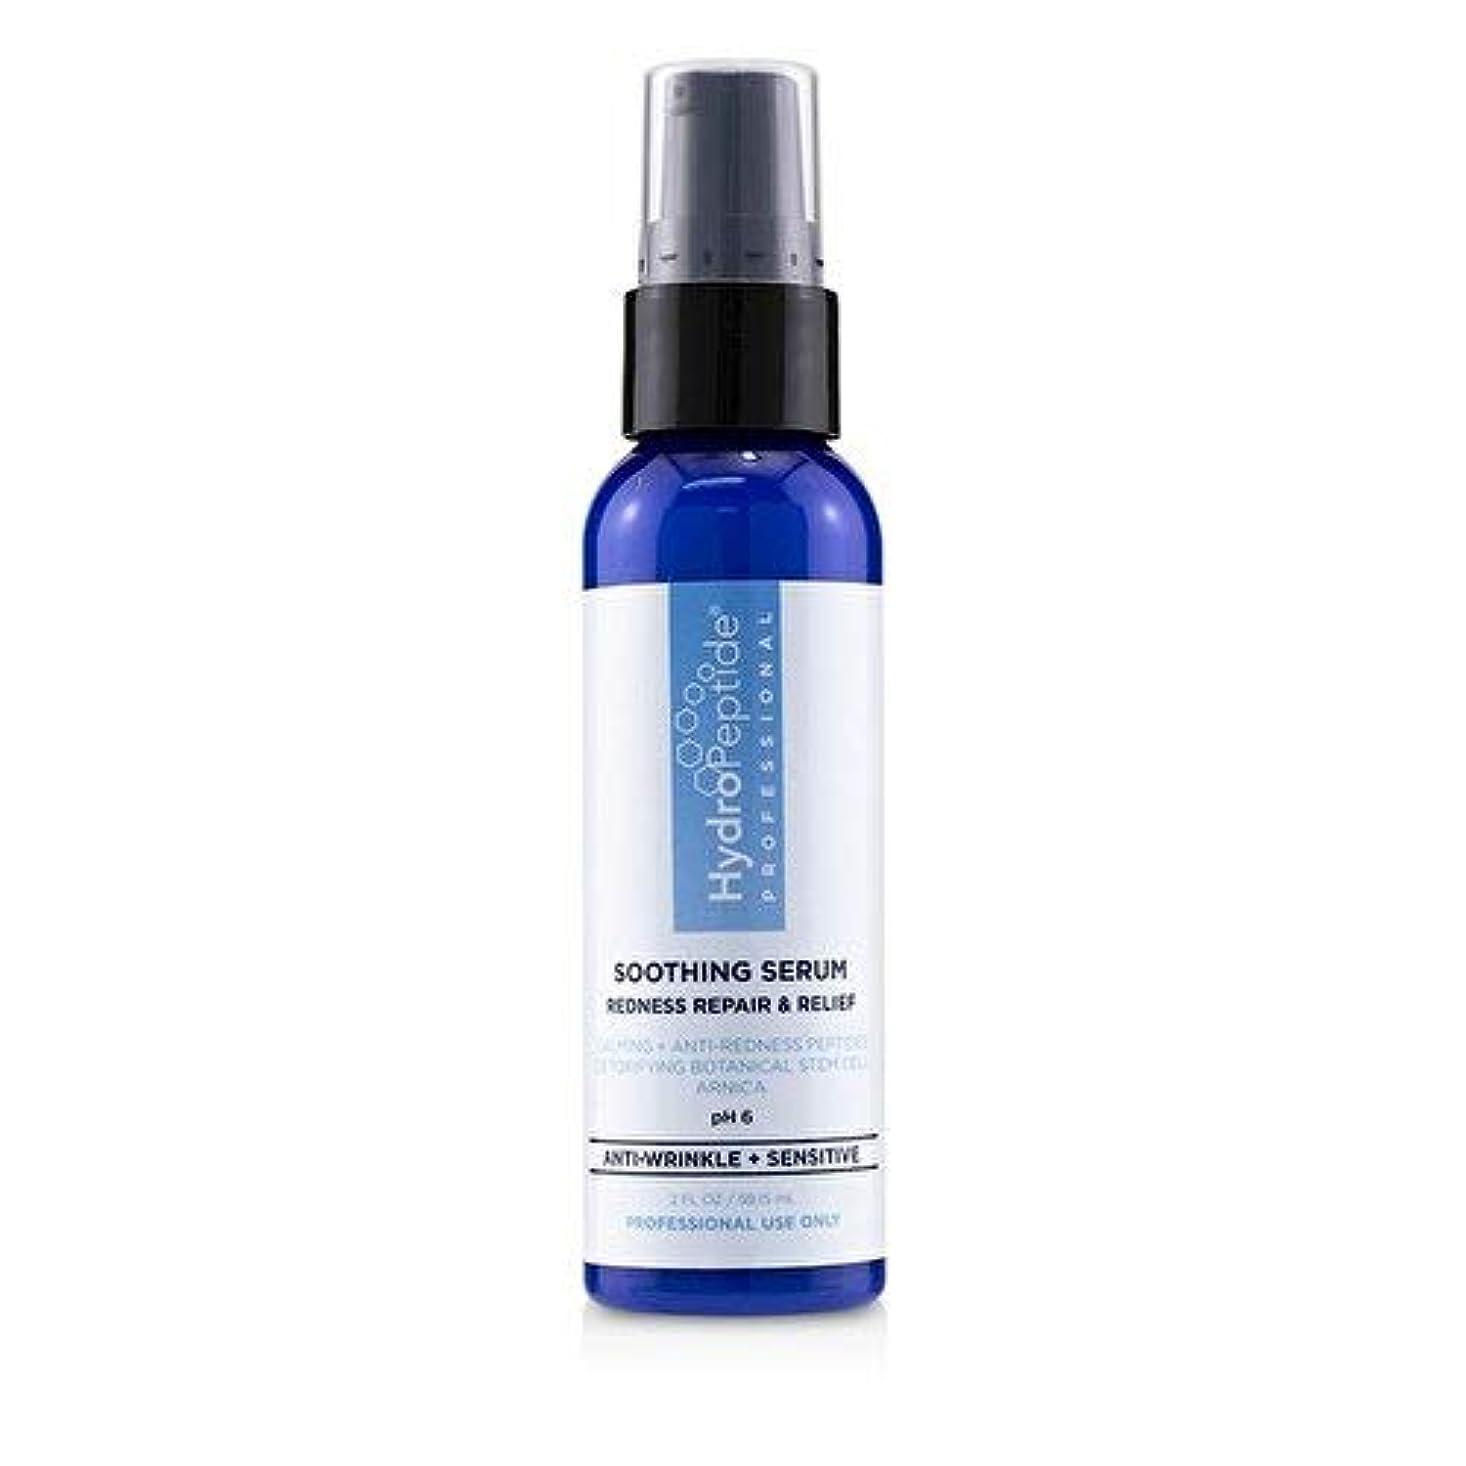 違う家事をする意味のあるハイドロペプチド Soothing Serum: Redness Repair & Relief (Salon Size) 59ml/2oz並行輸入品